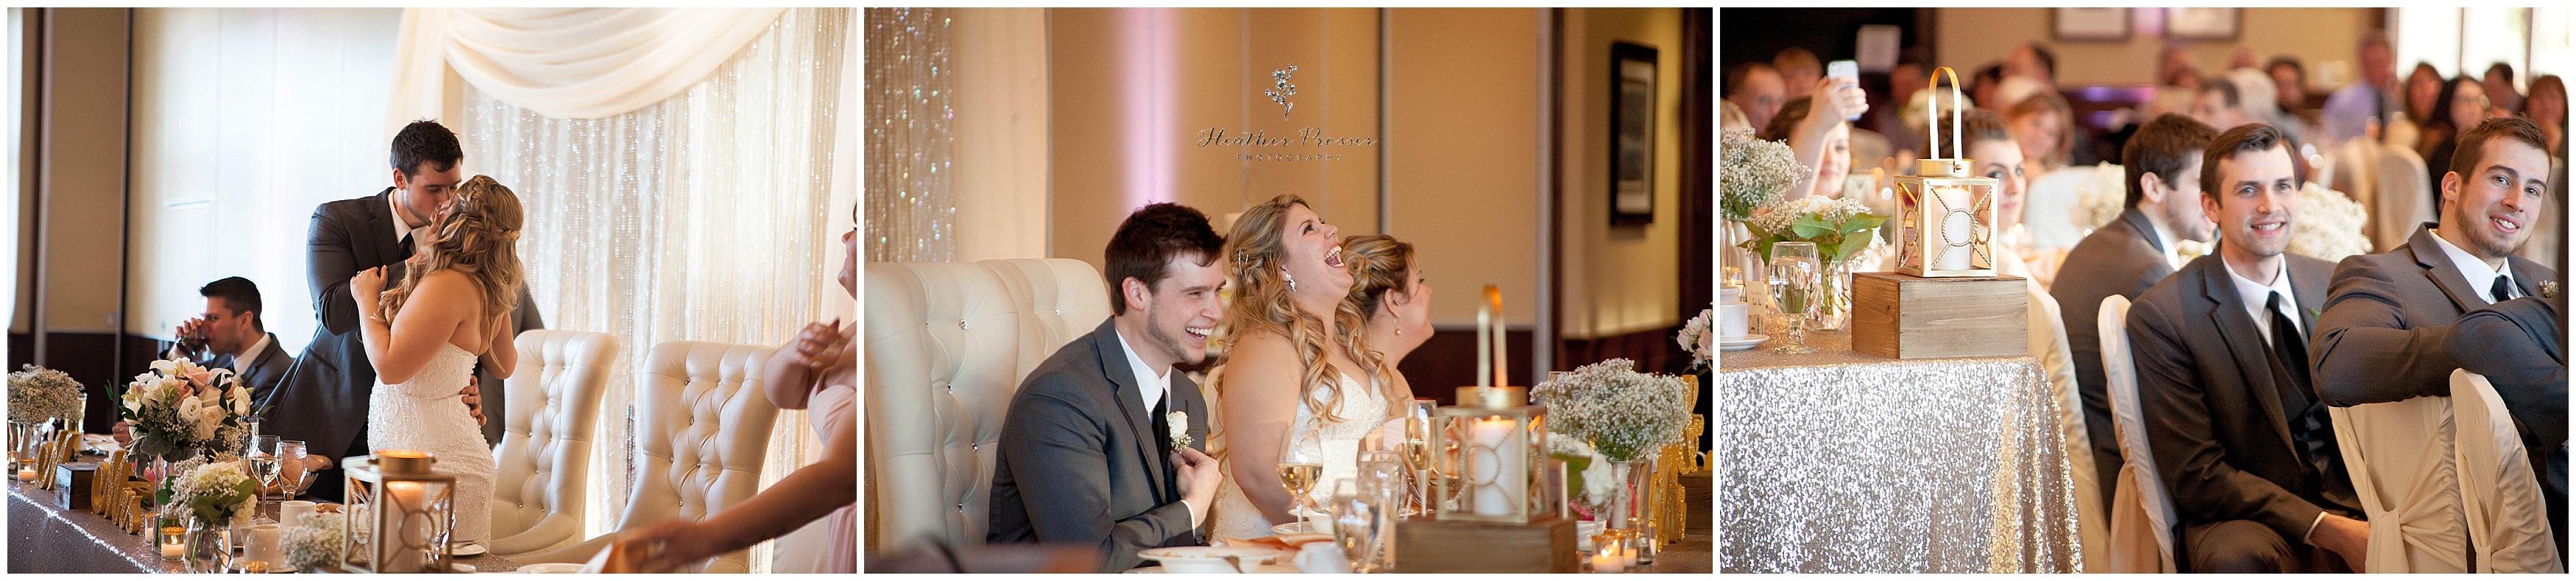 NestletonWatersInn-wedding_0214.jpg